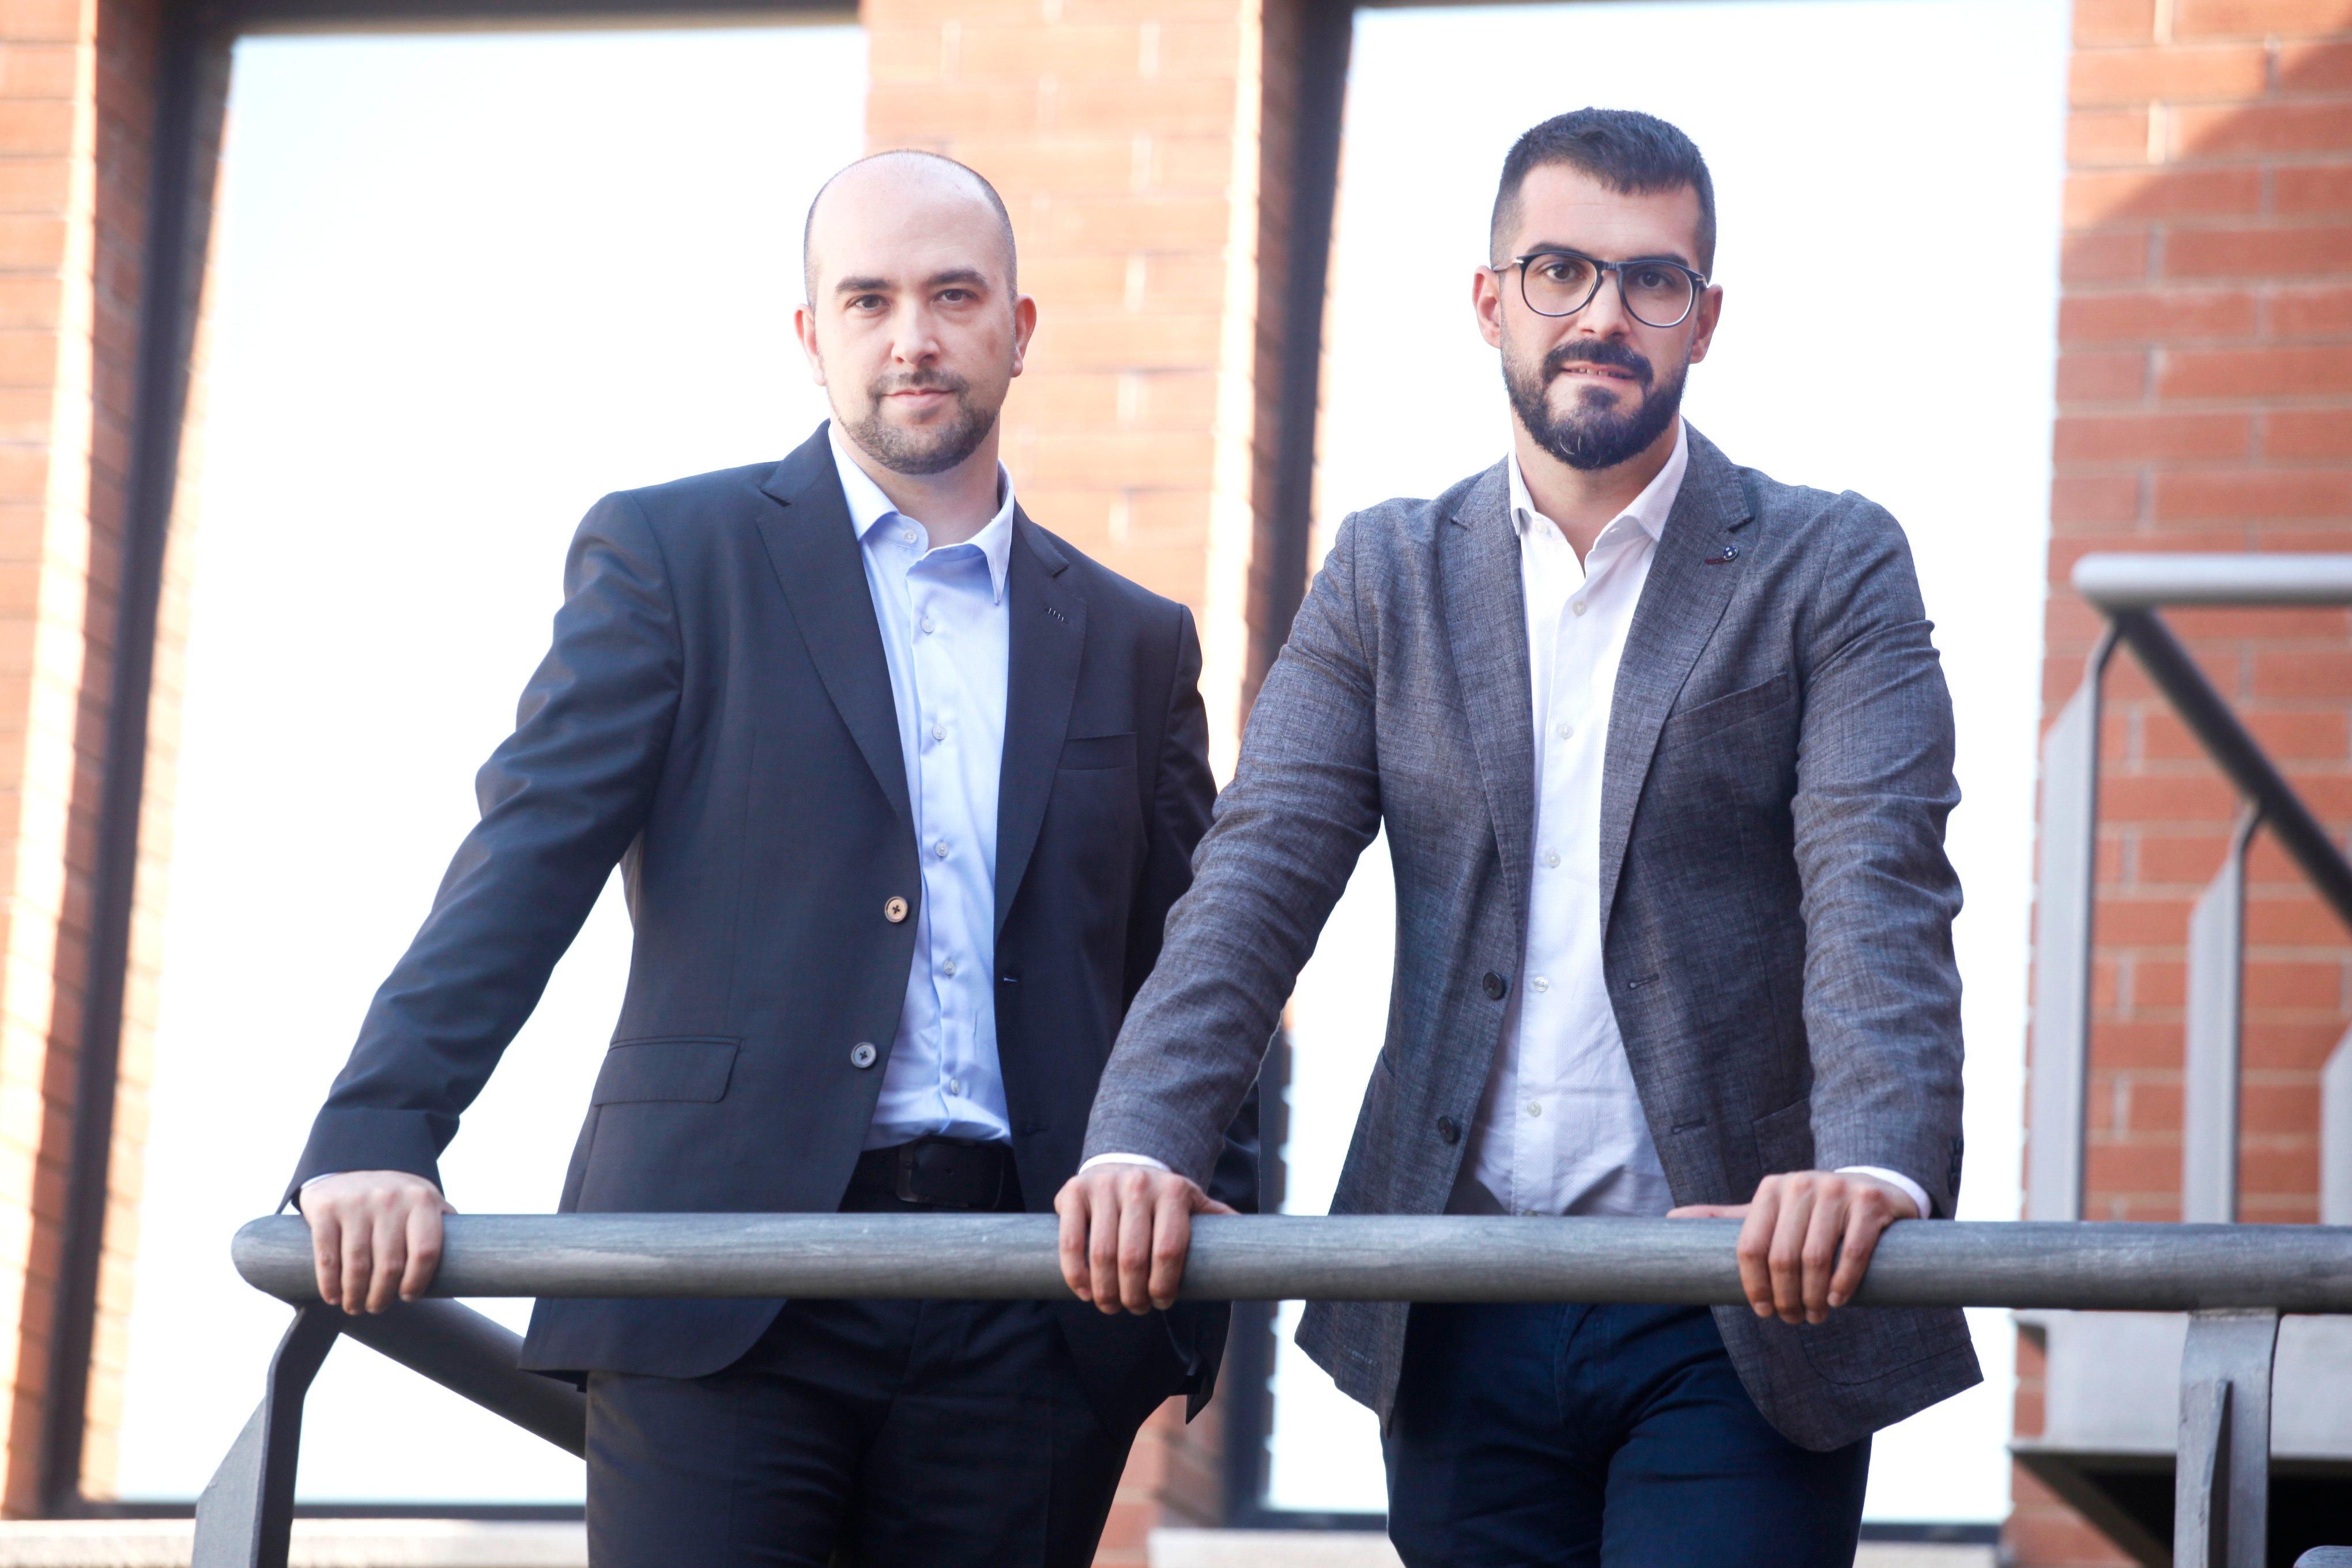 Signaturit_CEO_Juan_CTO_Javier